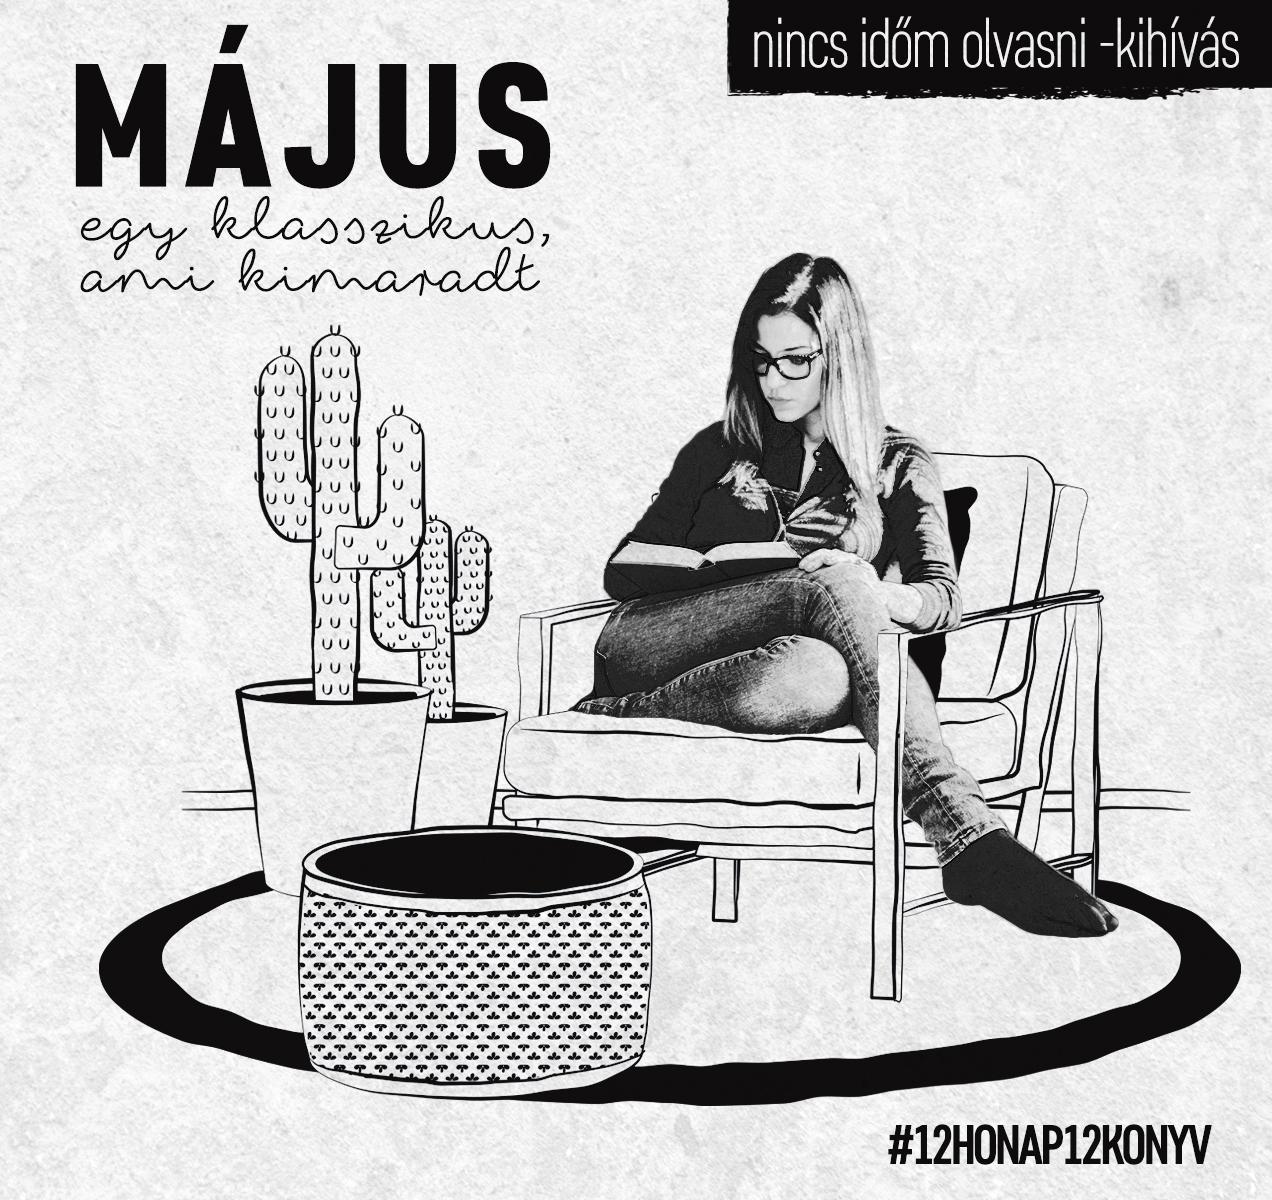 majus_agi_vagott_1.jpg